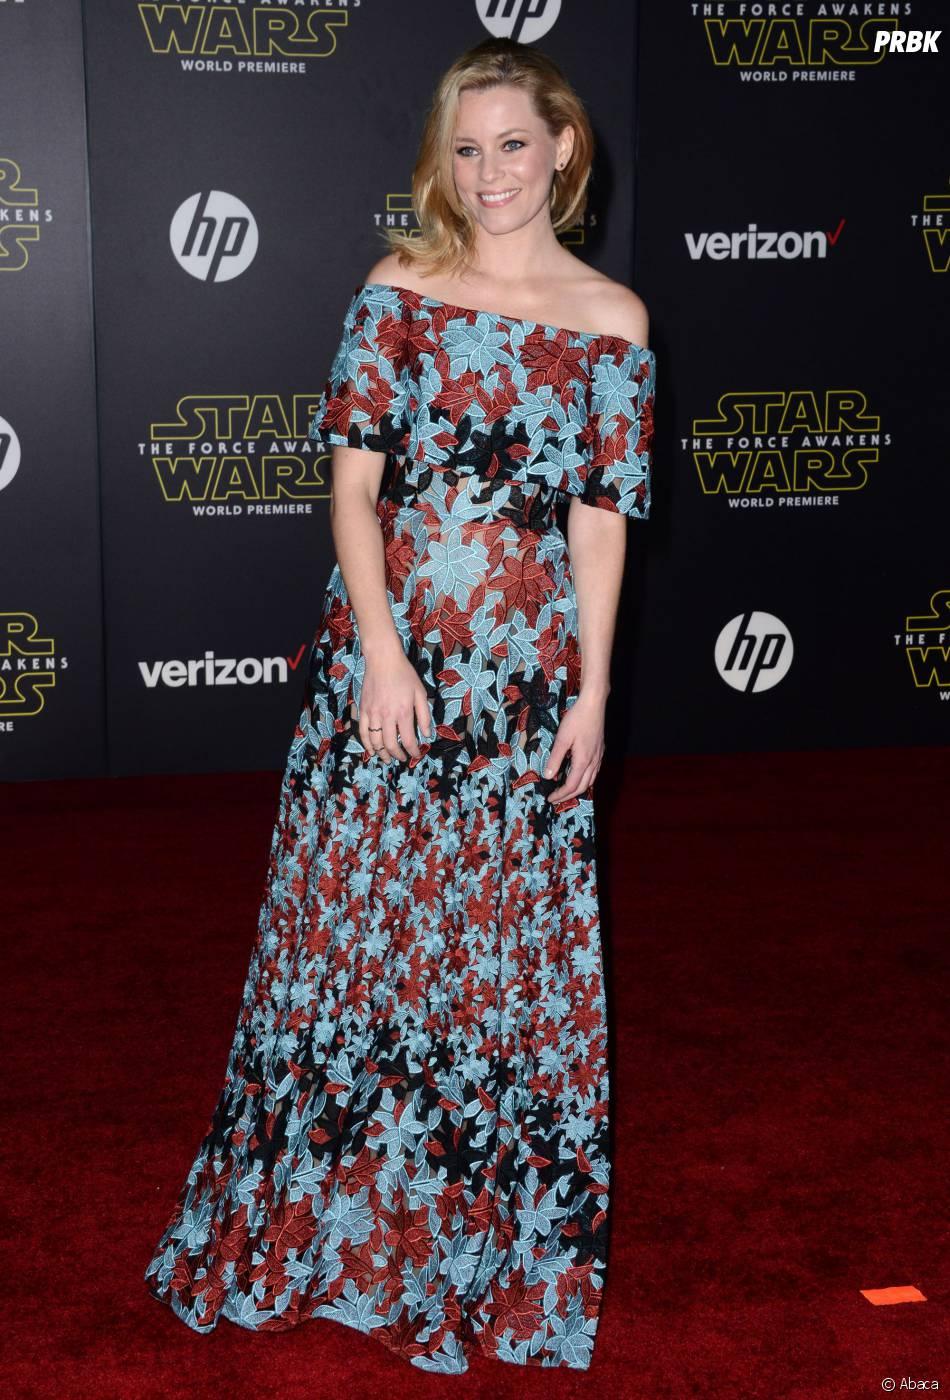 Elizabeth Banks à l'avant-première de Star Wars 7, le 14 décembre 2015 à Los Angeles